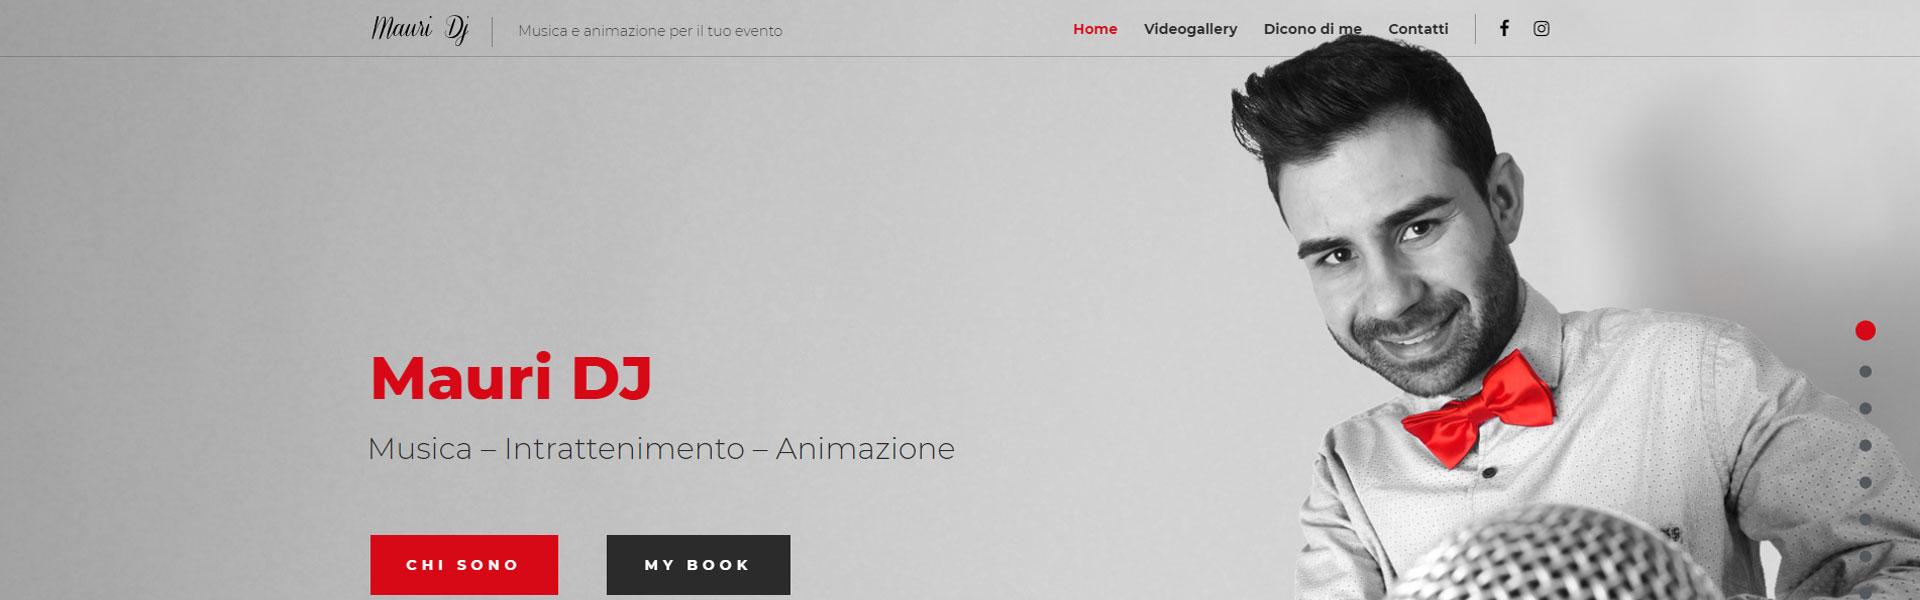 andrea dolcetti design web mauridj - mondo - architetto ferrara